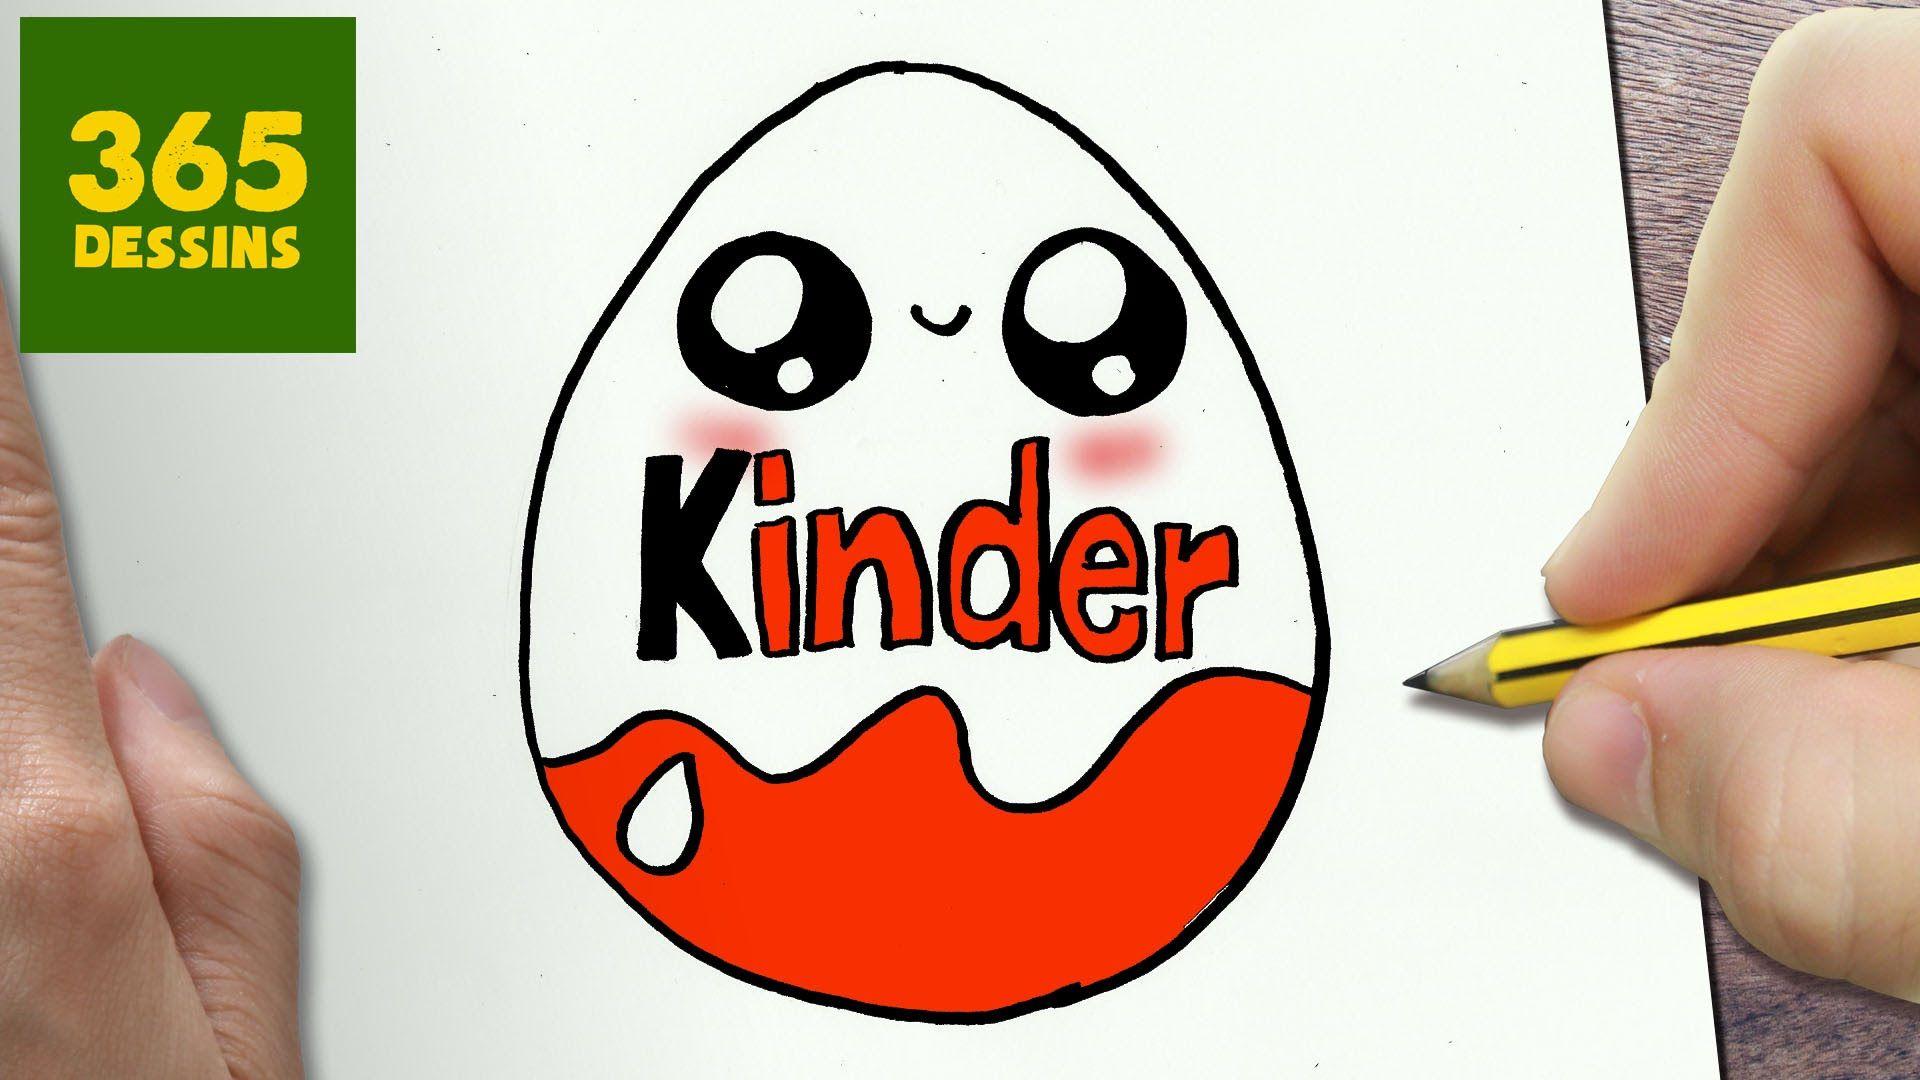 Comment dessiner kinder kawaii tape par tape dessins - Dessin facile a faire pour debutant ...